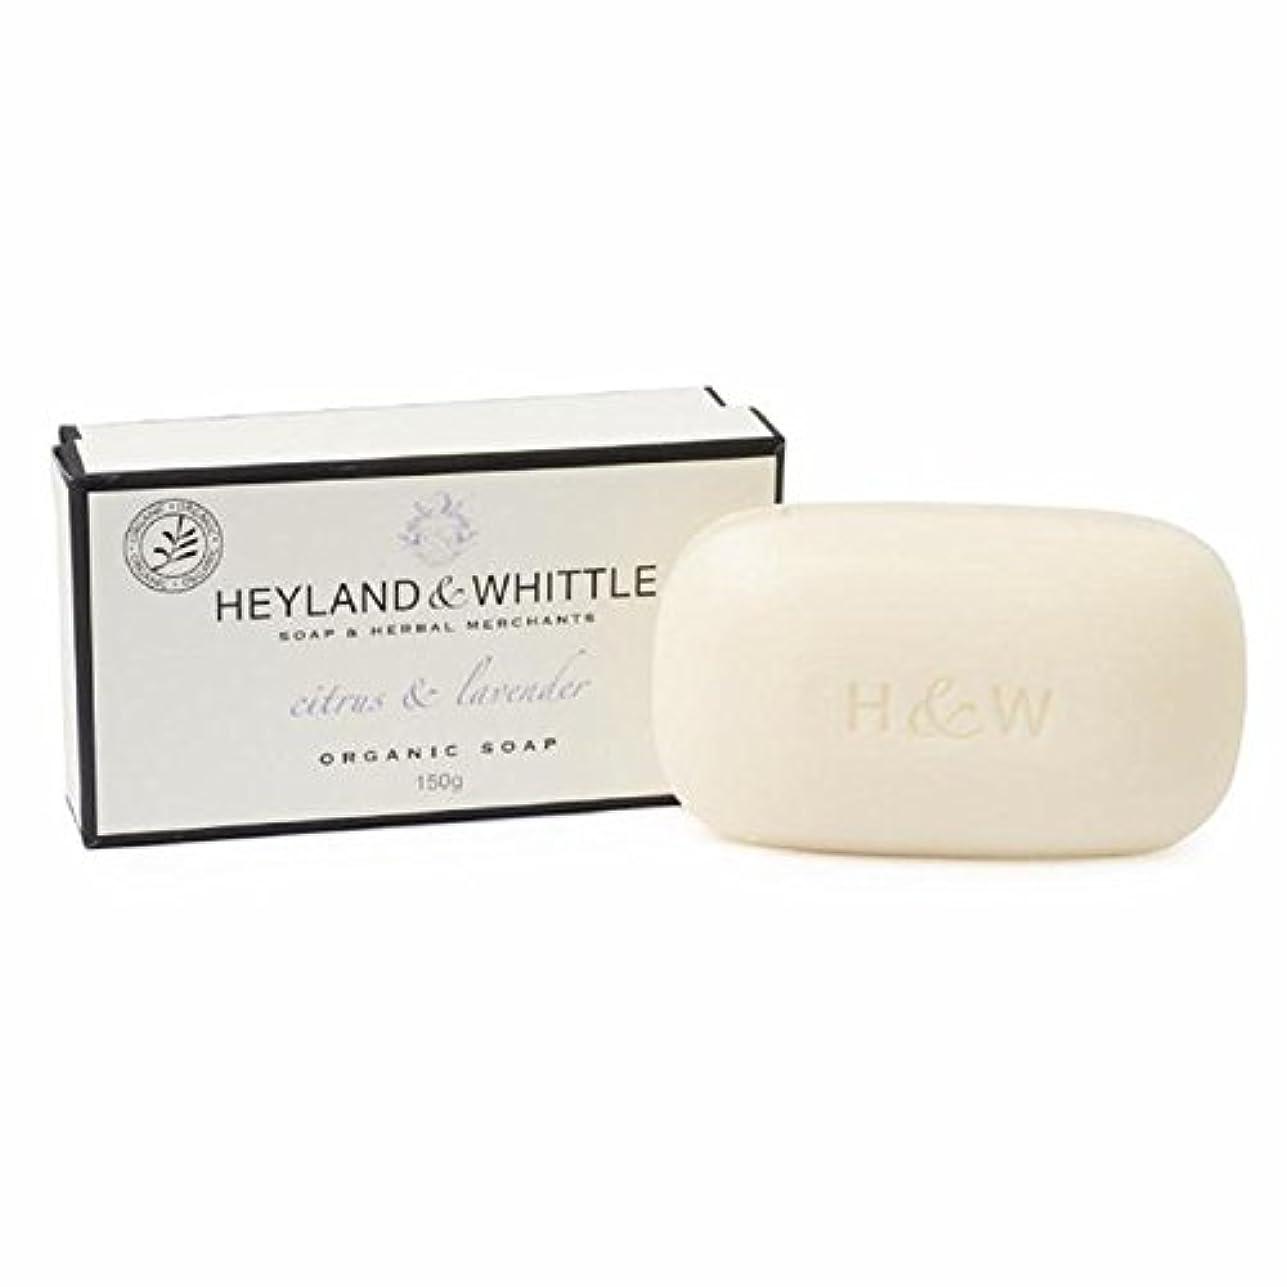 敬礼かもめ花に水をやる&削るシトラス&ラベンダーは、有機石鹸150グラム箱入り x4 - Heyland & Whittle Citrus & Lavender Boxed Organic Soap 150g (Pack of 4) [並行輸入品]